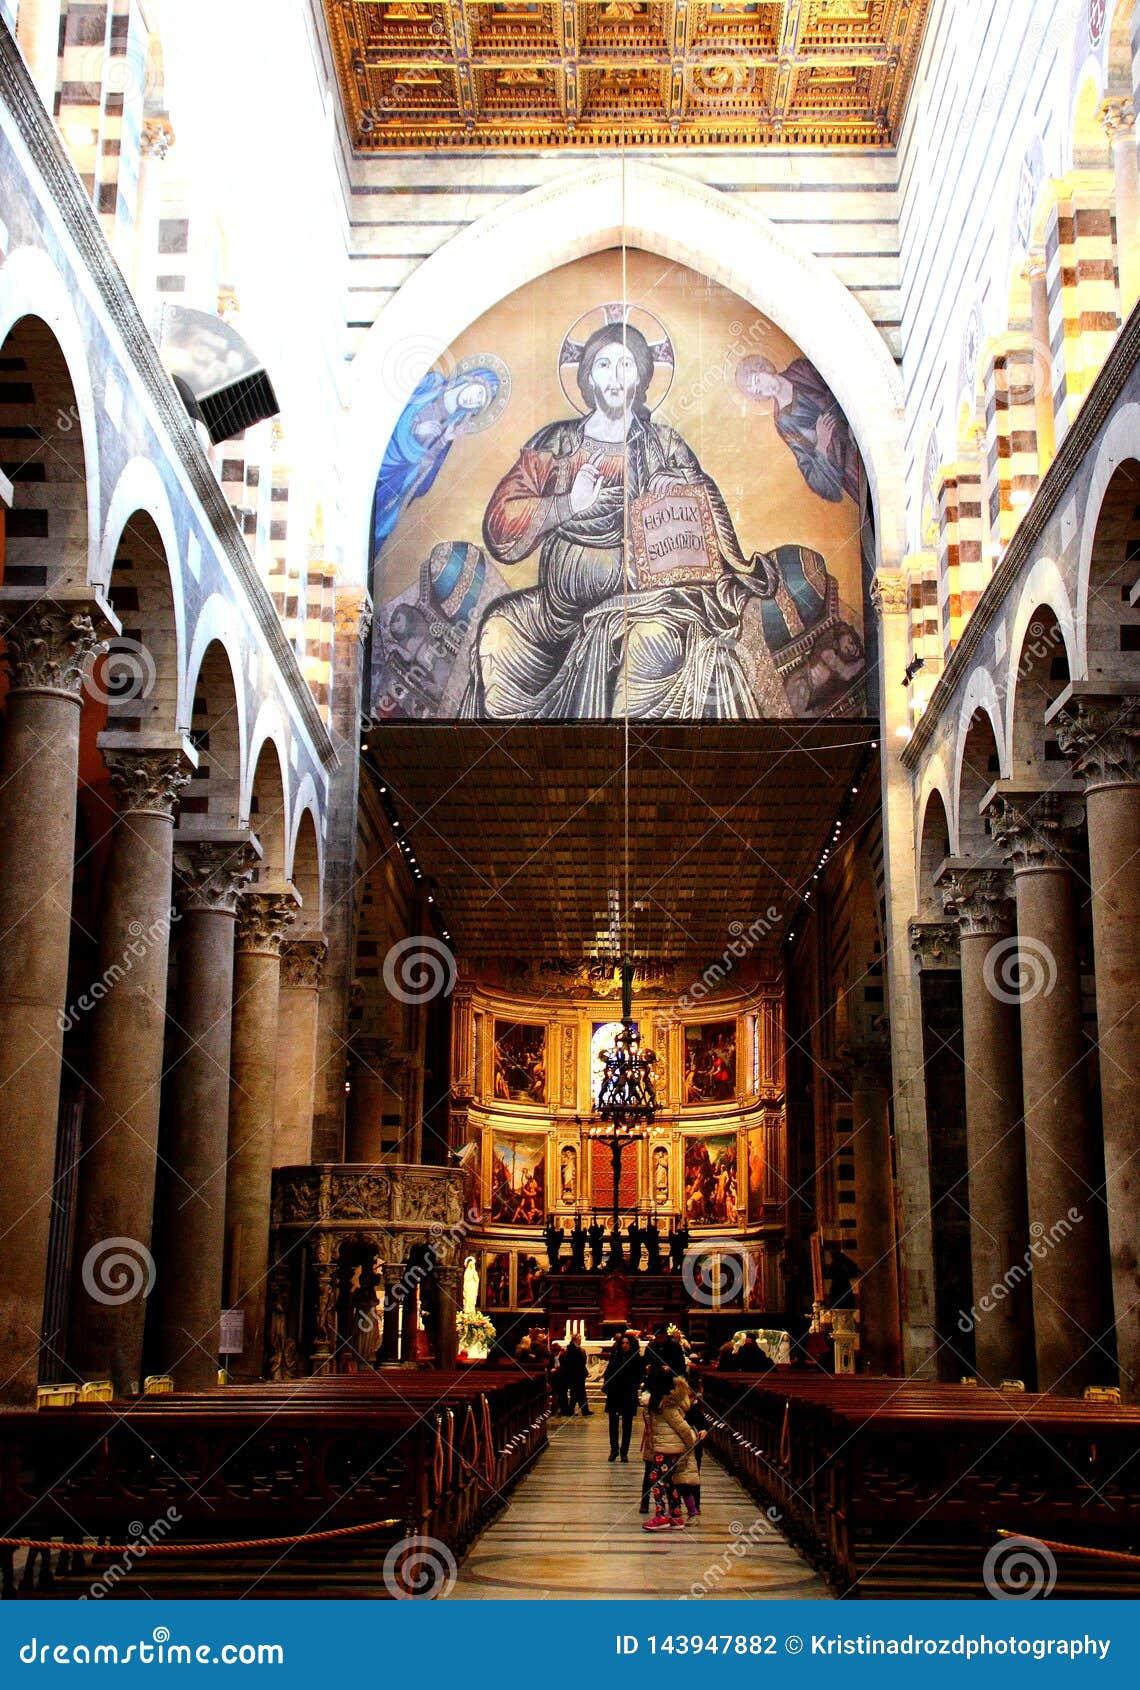 比萨,意大利-大约2018年2月:比萨大教堂内部奇迹正方形的